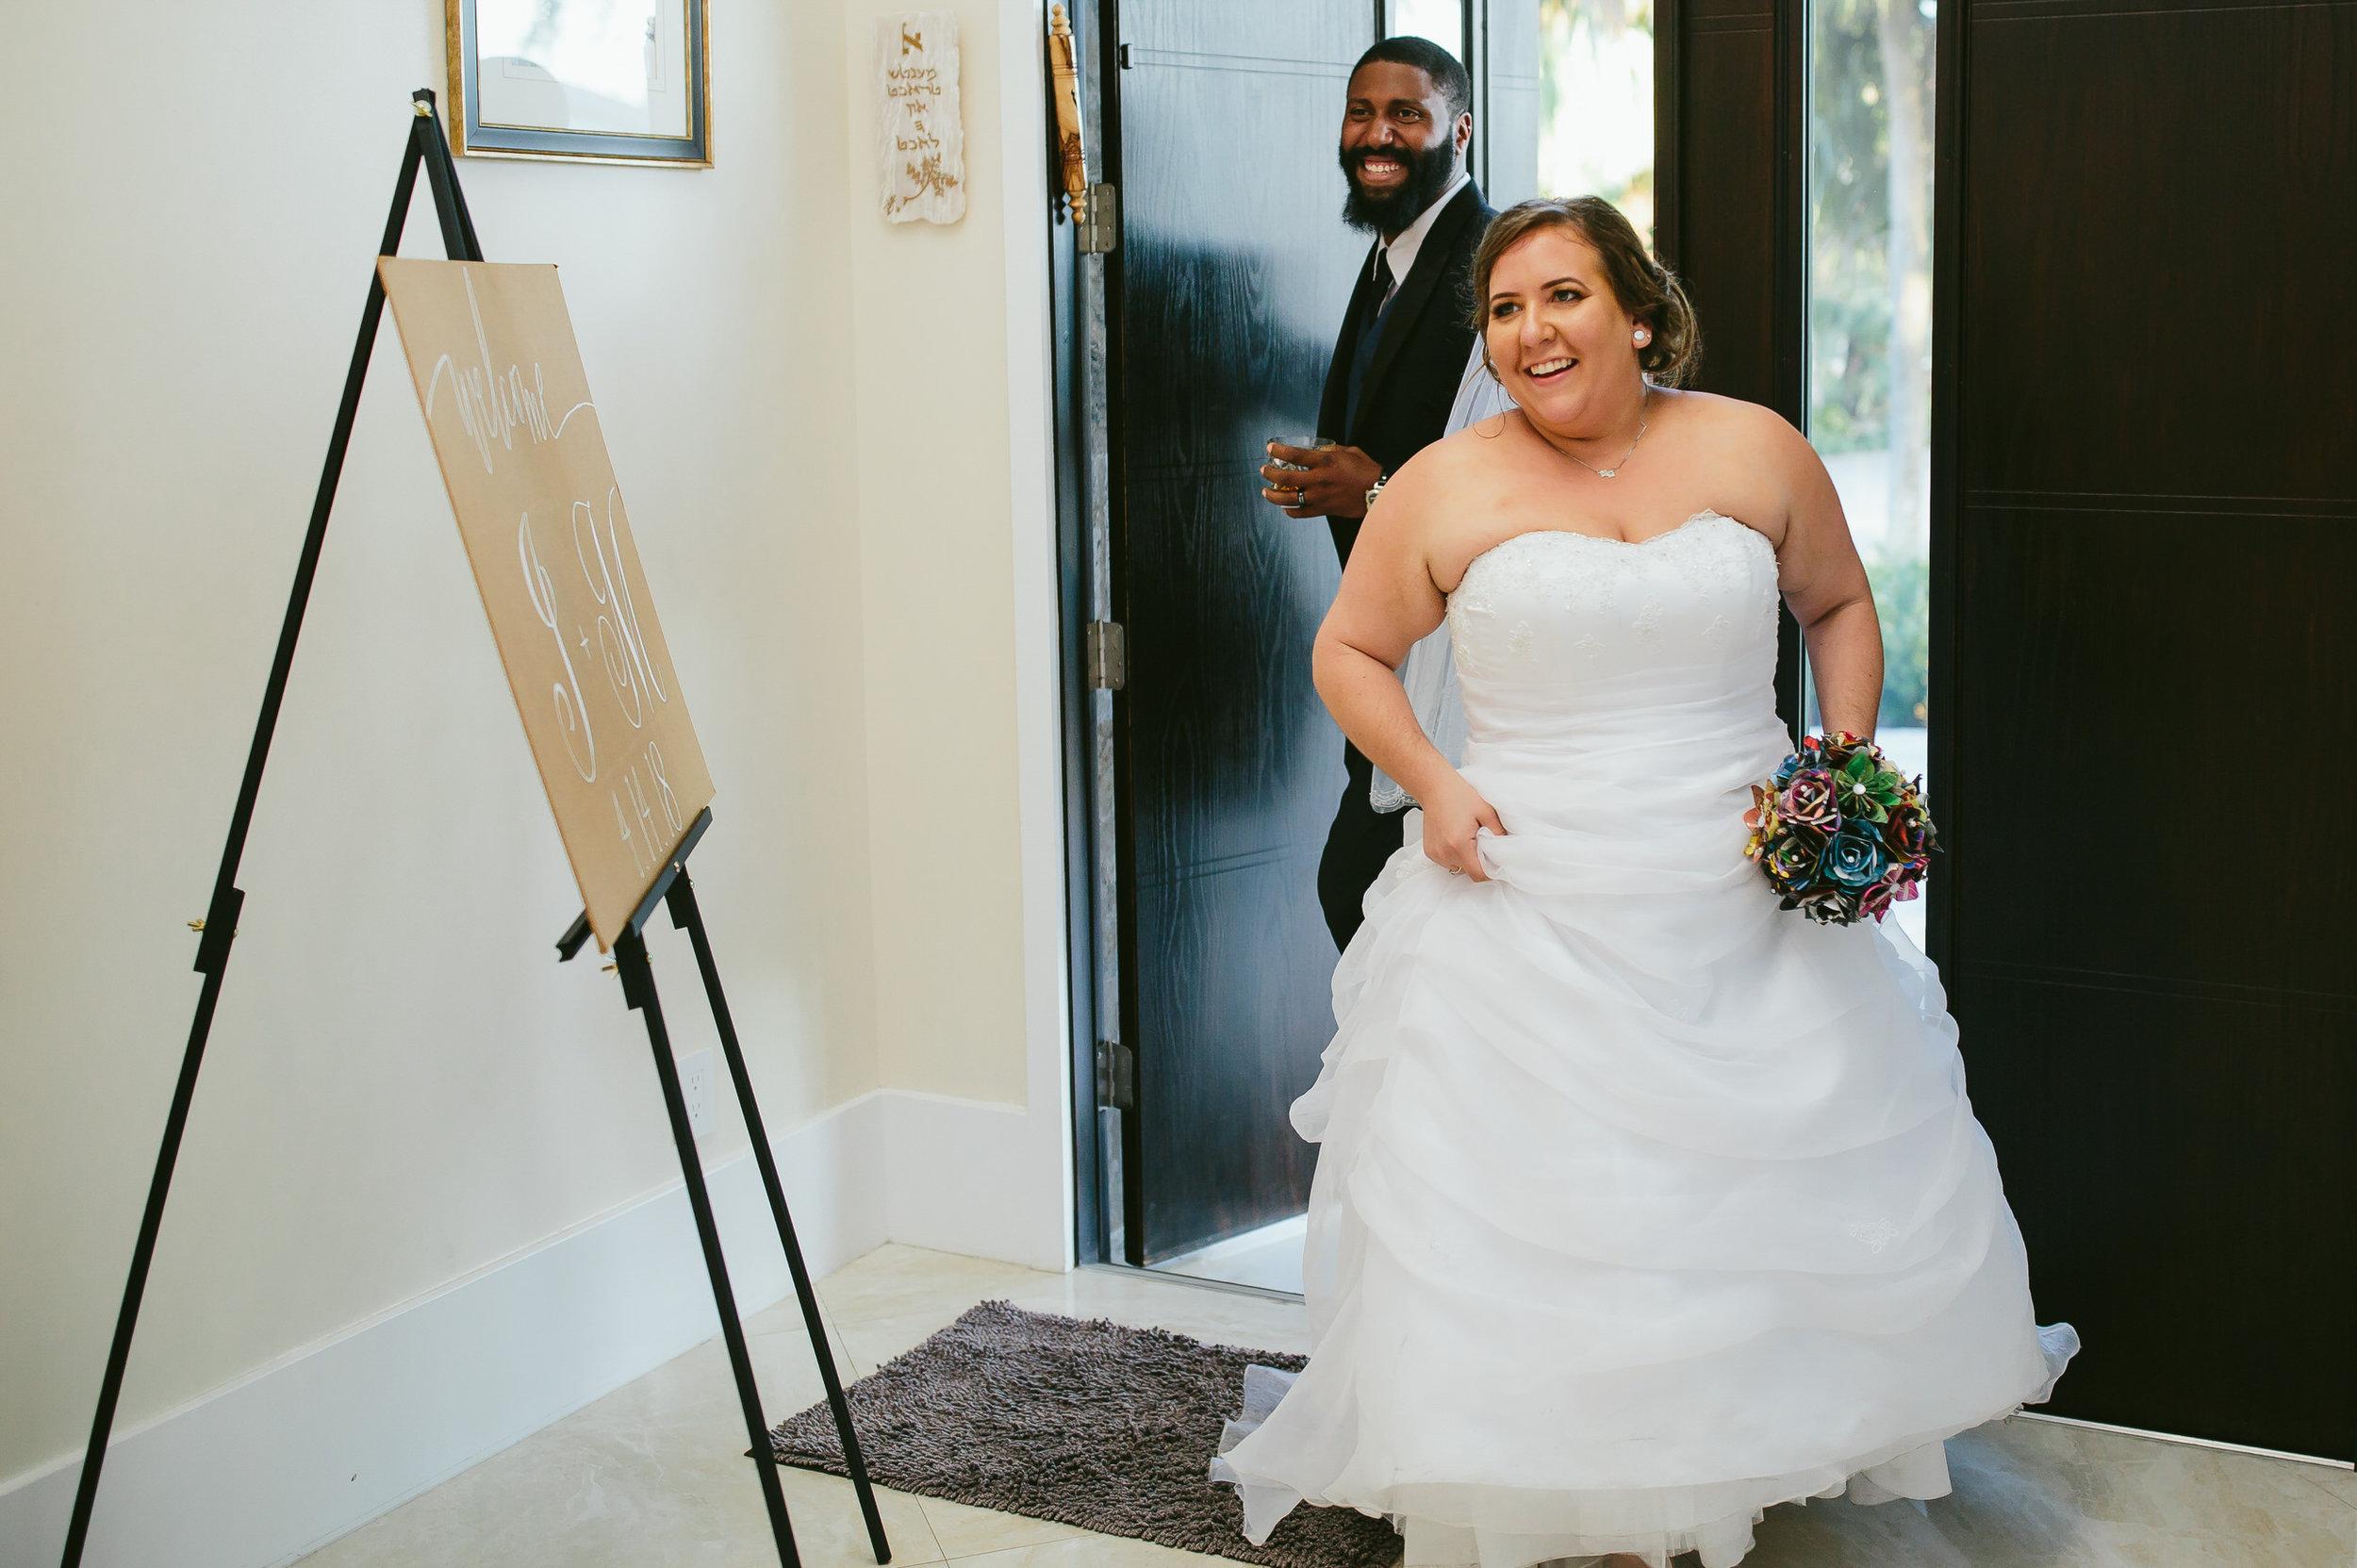 hollywood_estate_wedding_reception_steph_lynn_photo-4.jpg